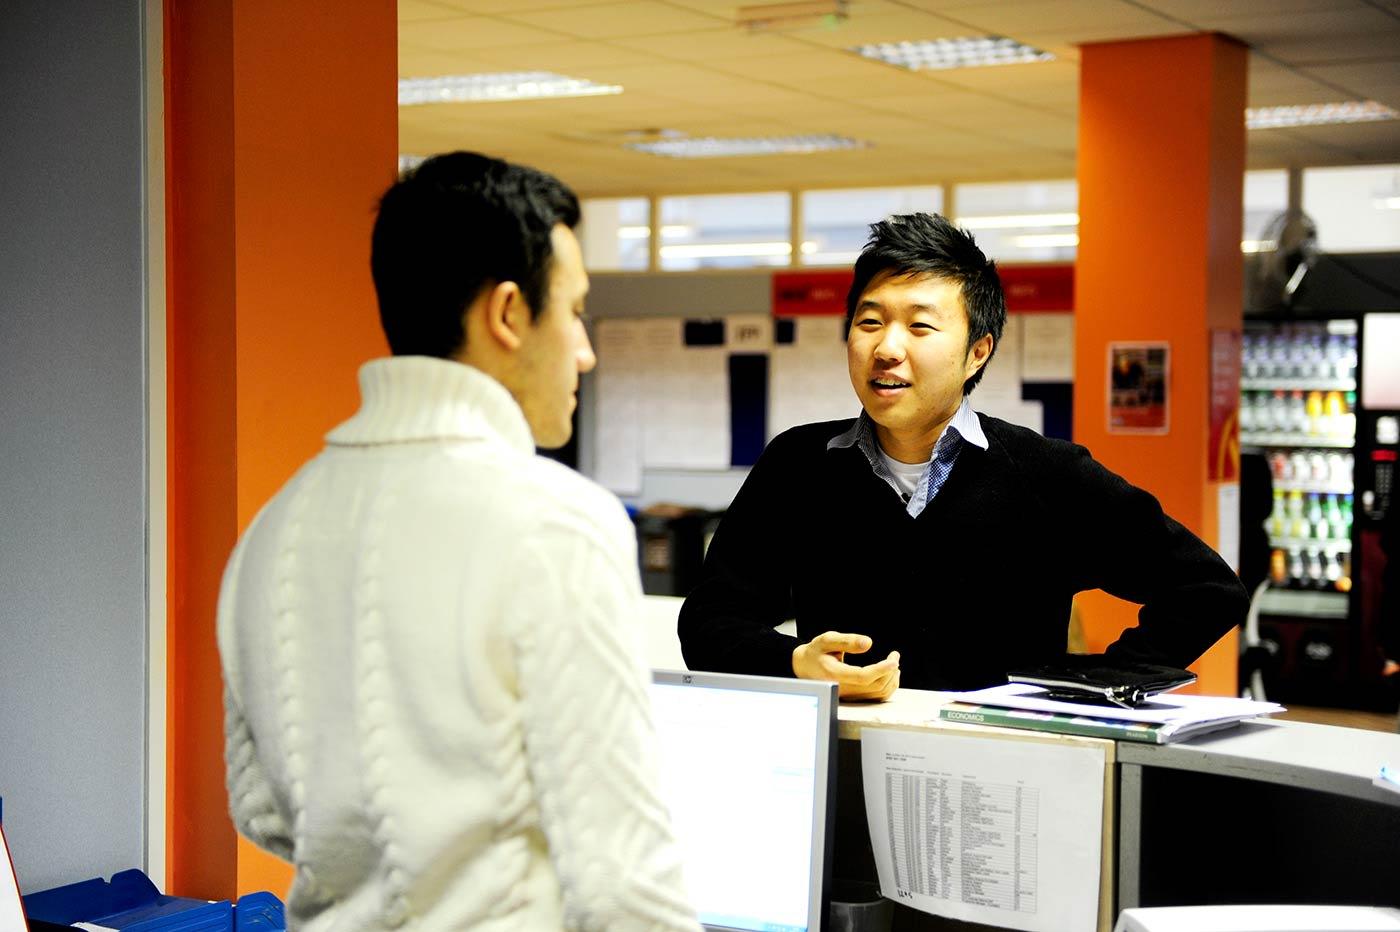 升学指导帮助你在众多英国大学升学选择中选择最适合你的课程